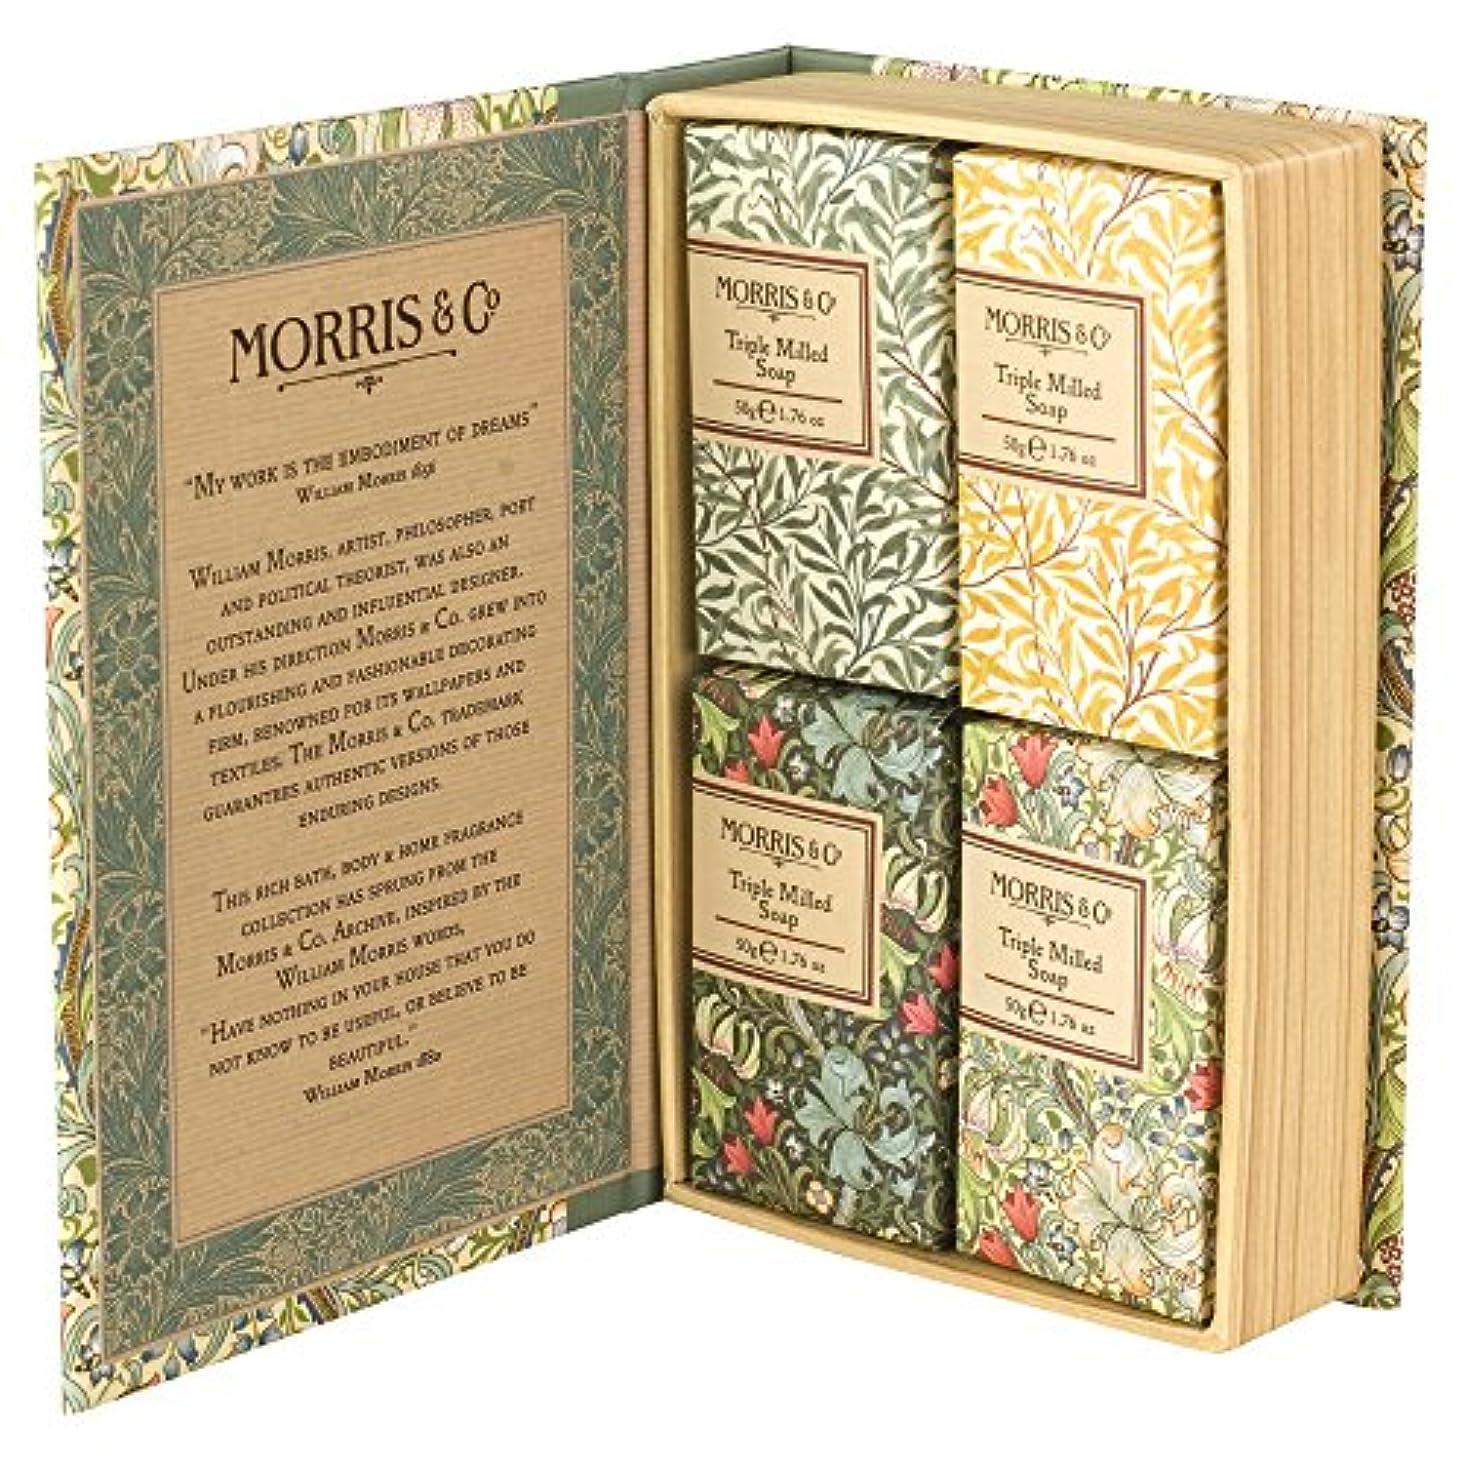 ヒースコート&アイボリーモリス&共同黄金ユリゲストソープセット200グラム (Heathcote) (x2) - Heathcote & Ivory Morris & Co Golden Lily Guest Soap...